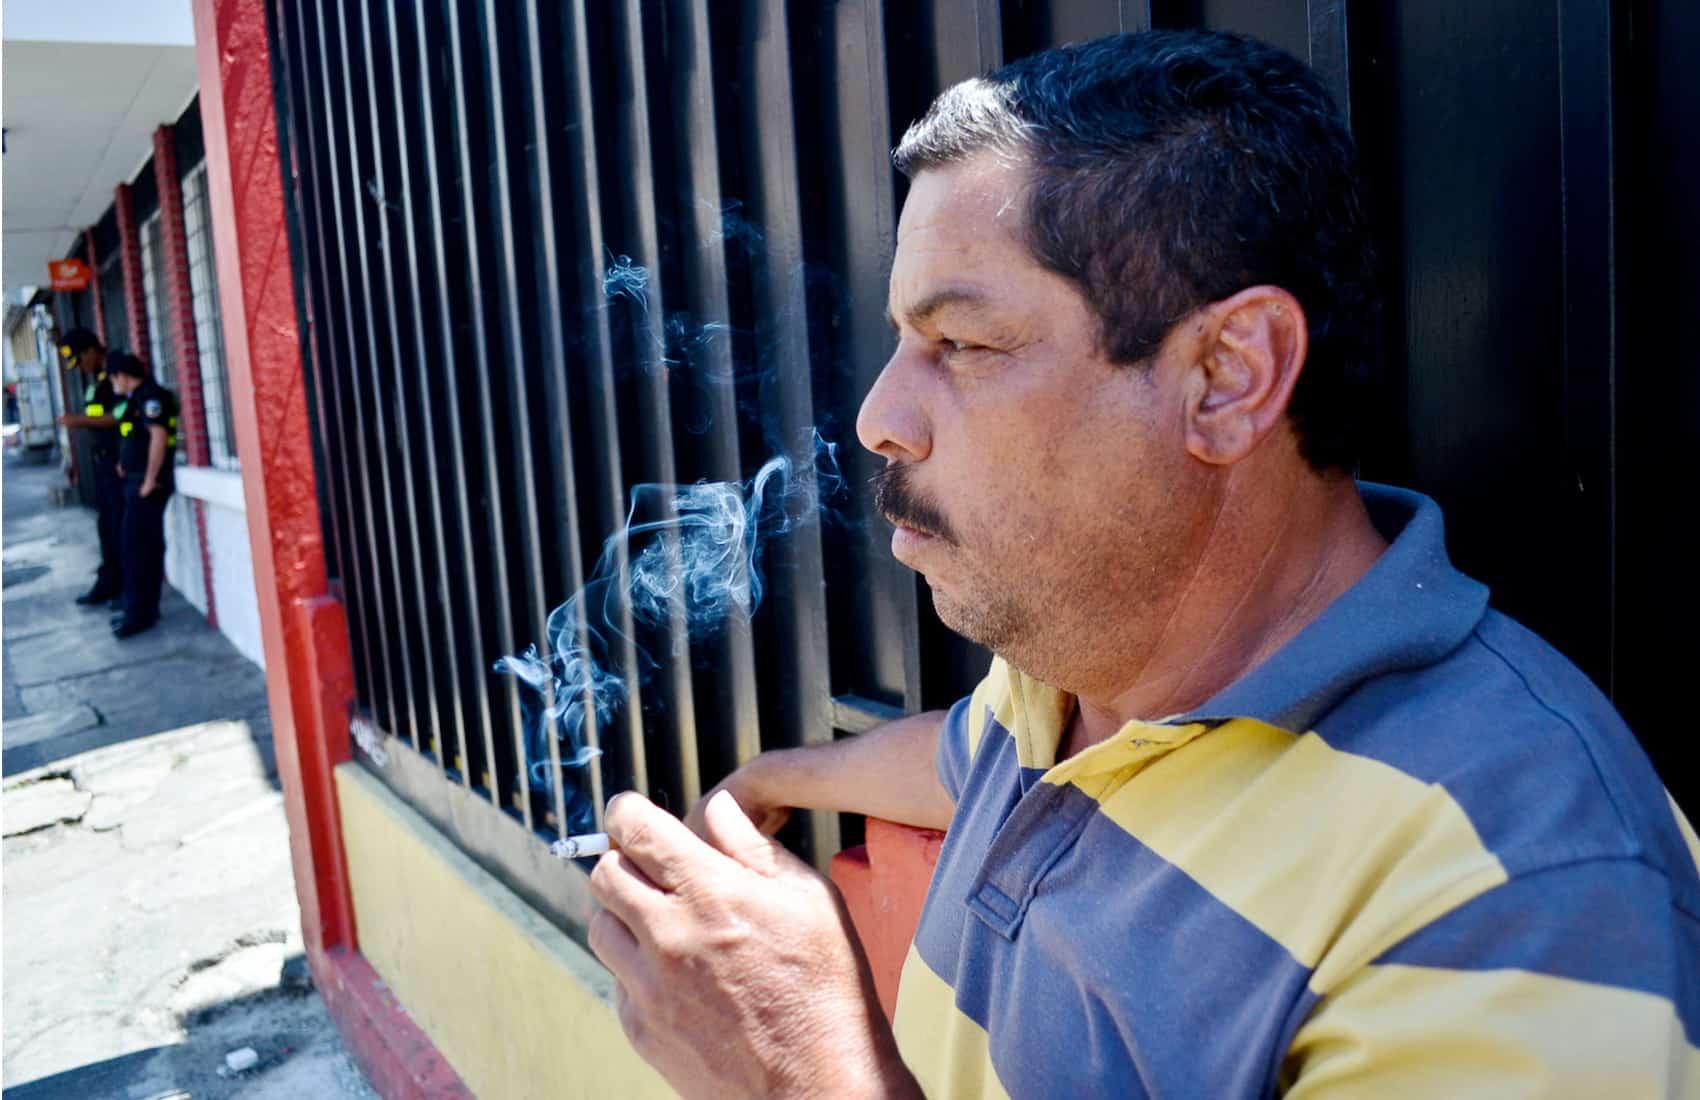 Smoker in San José